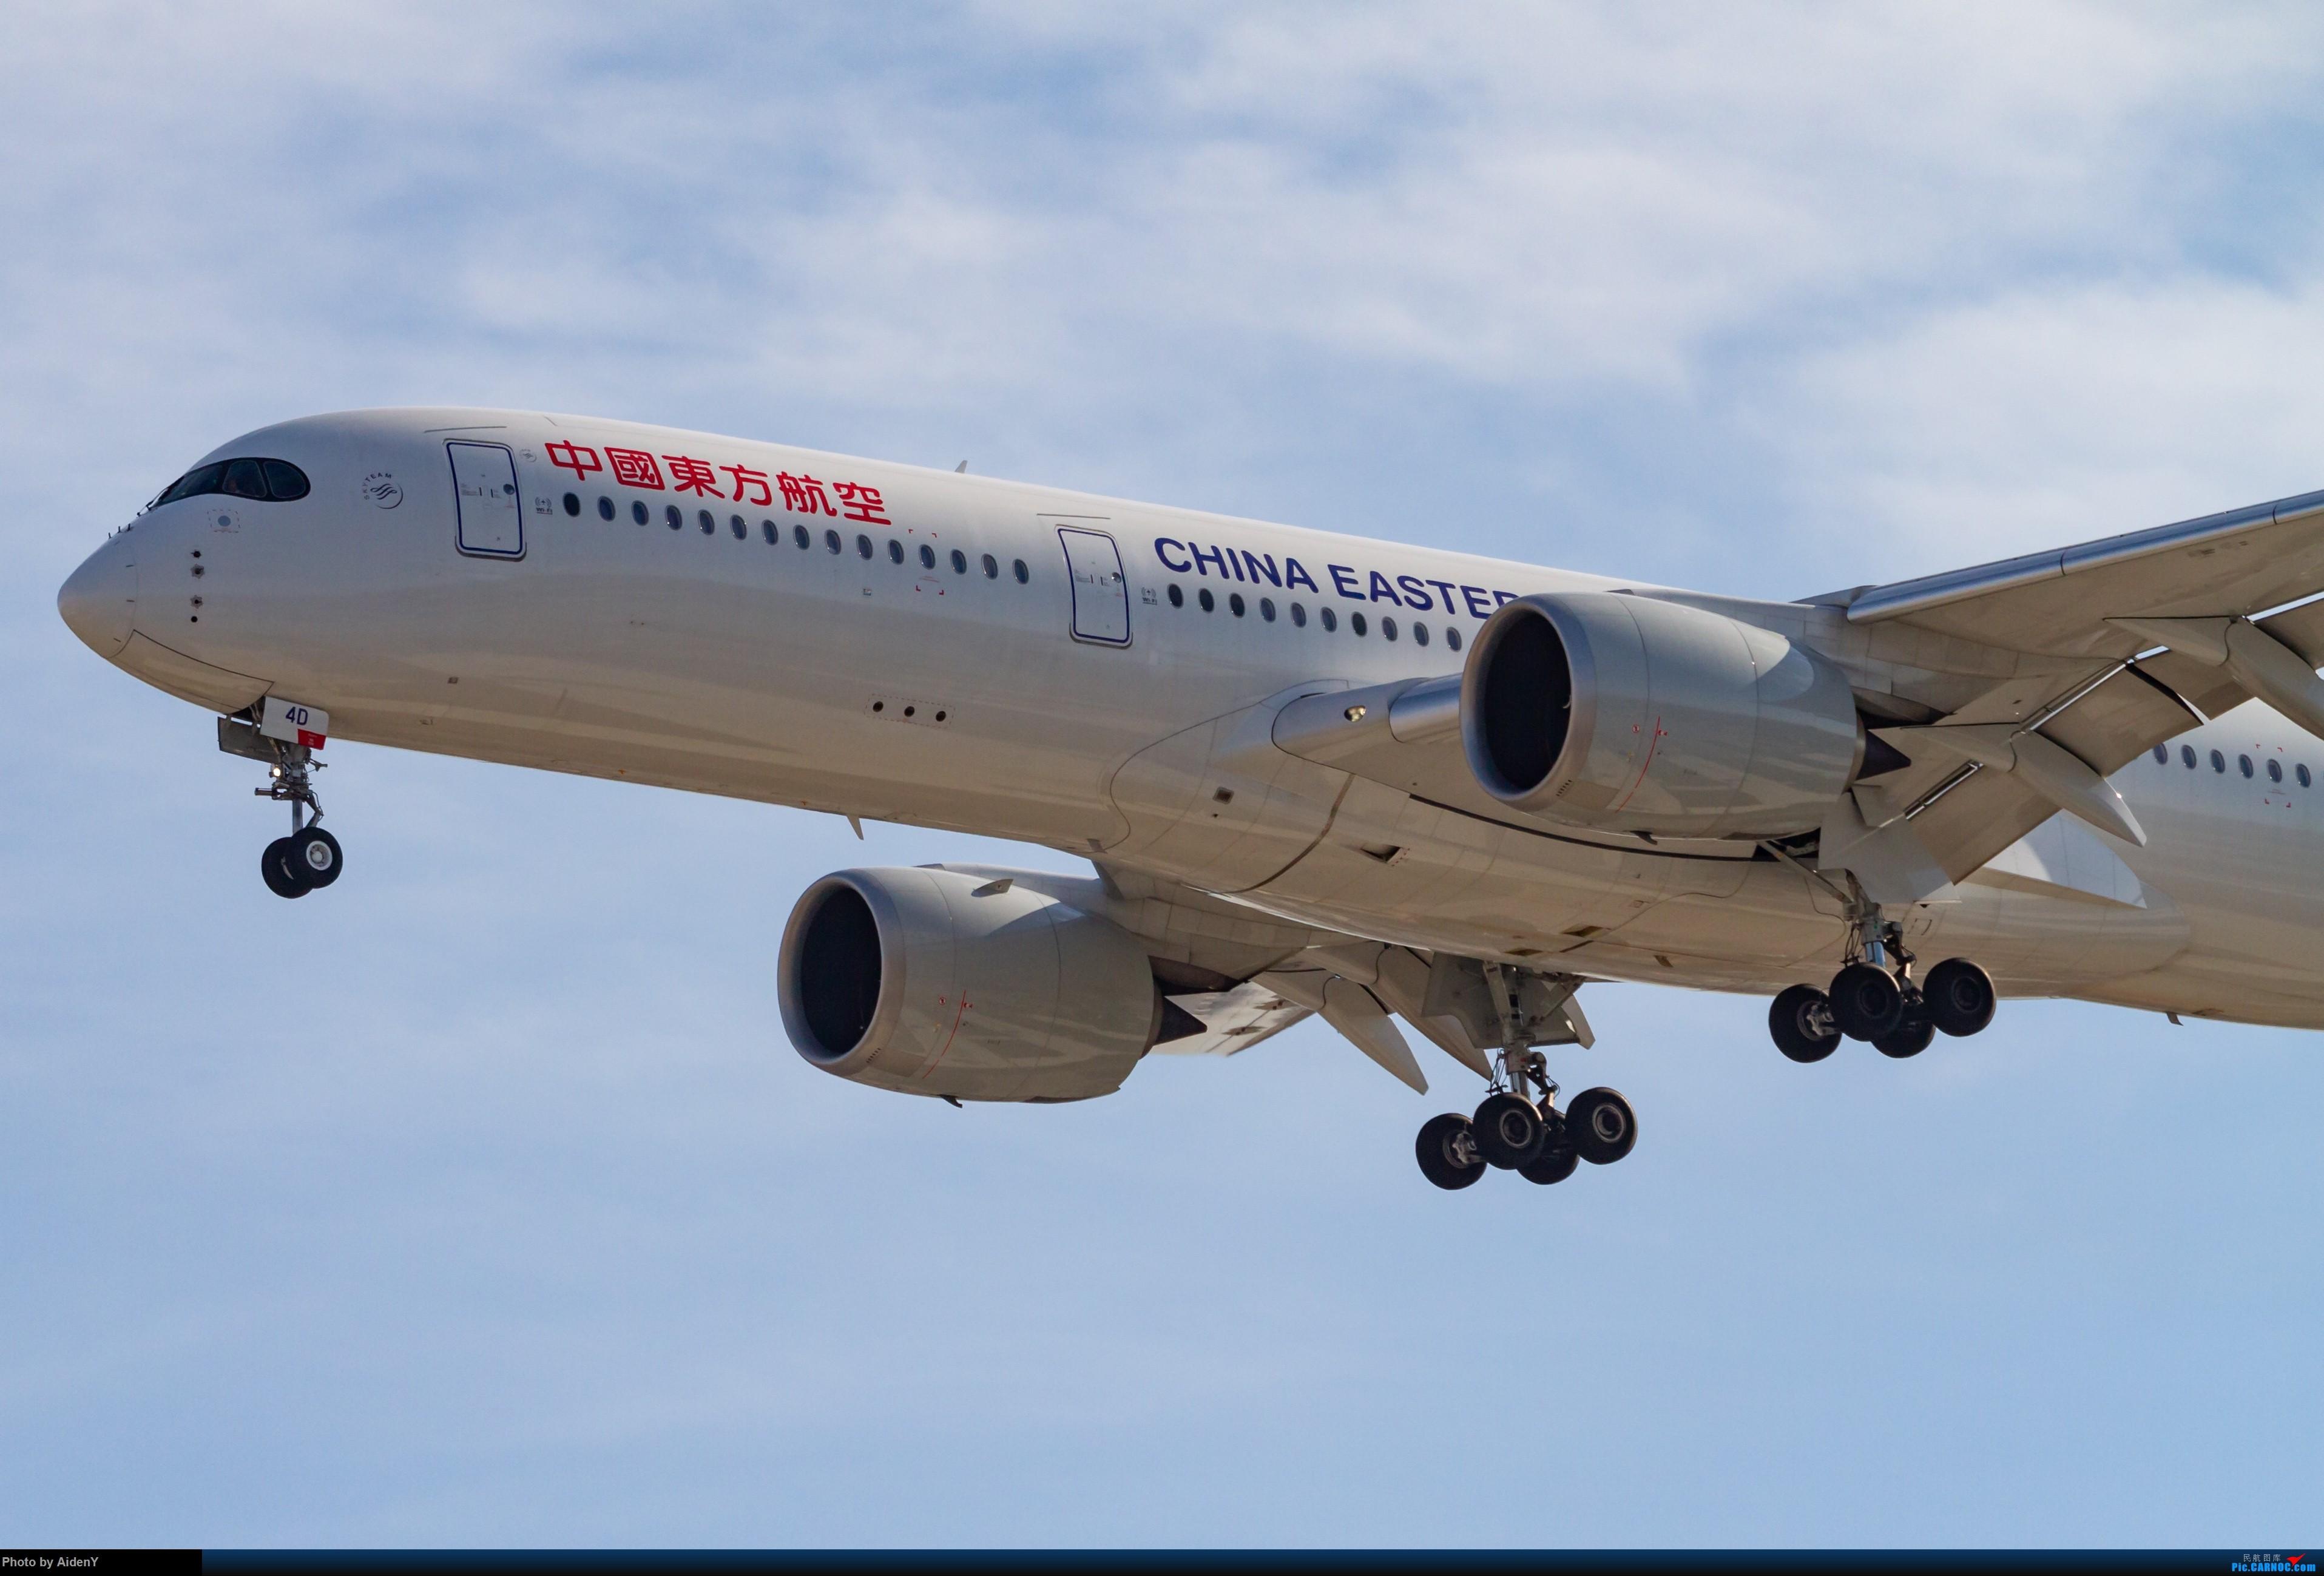 Re:[原创]「1月21日」首都蓝天——还是有的 AIRBUS A350-900 B-304D 中国北京首都国际机场